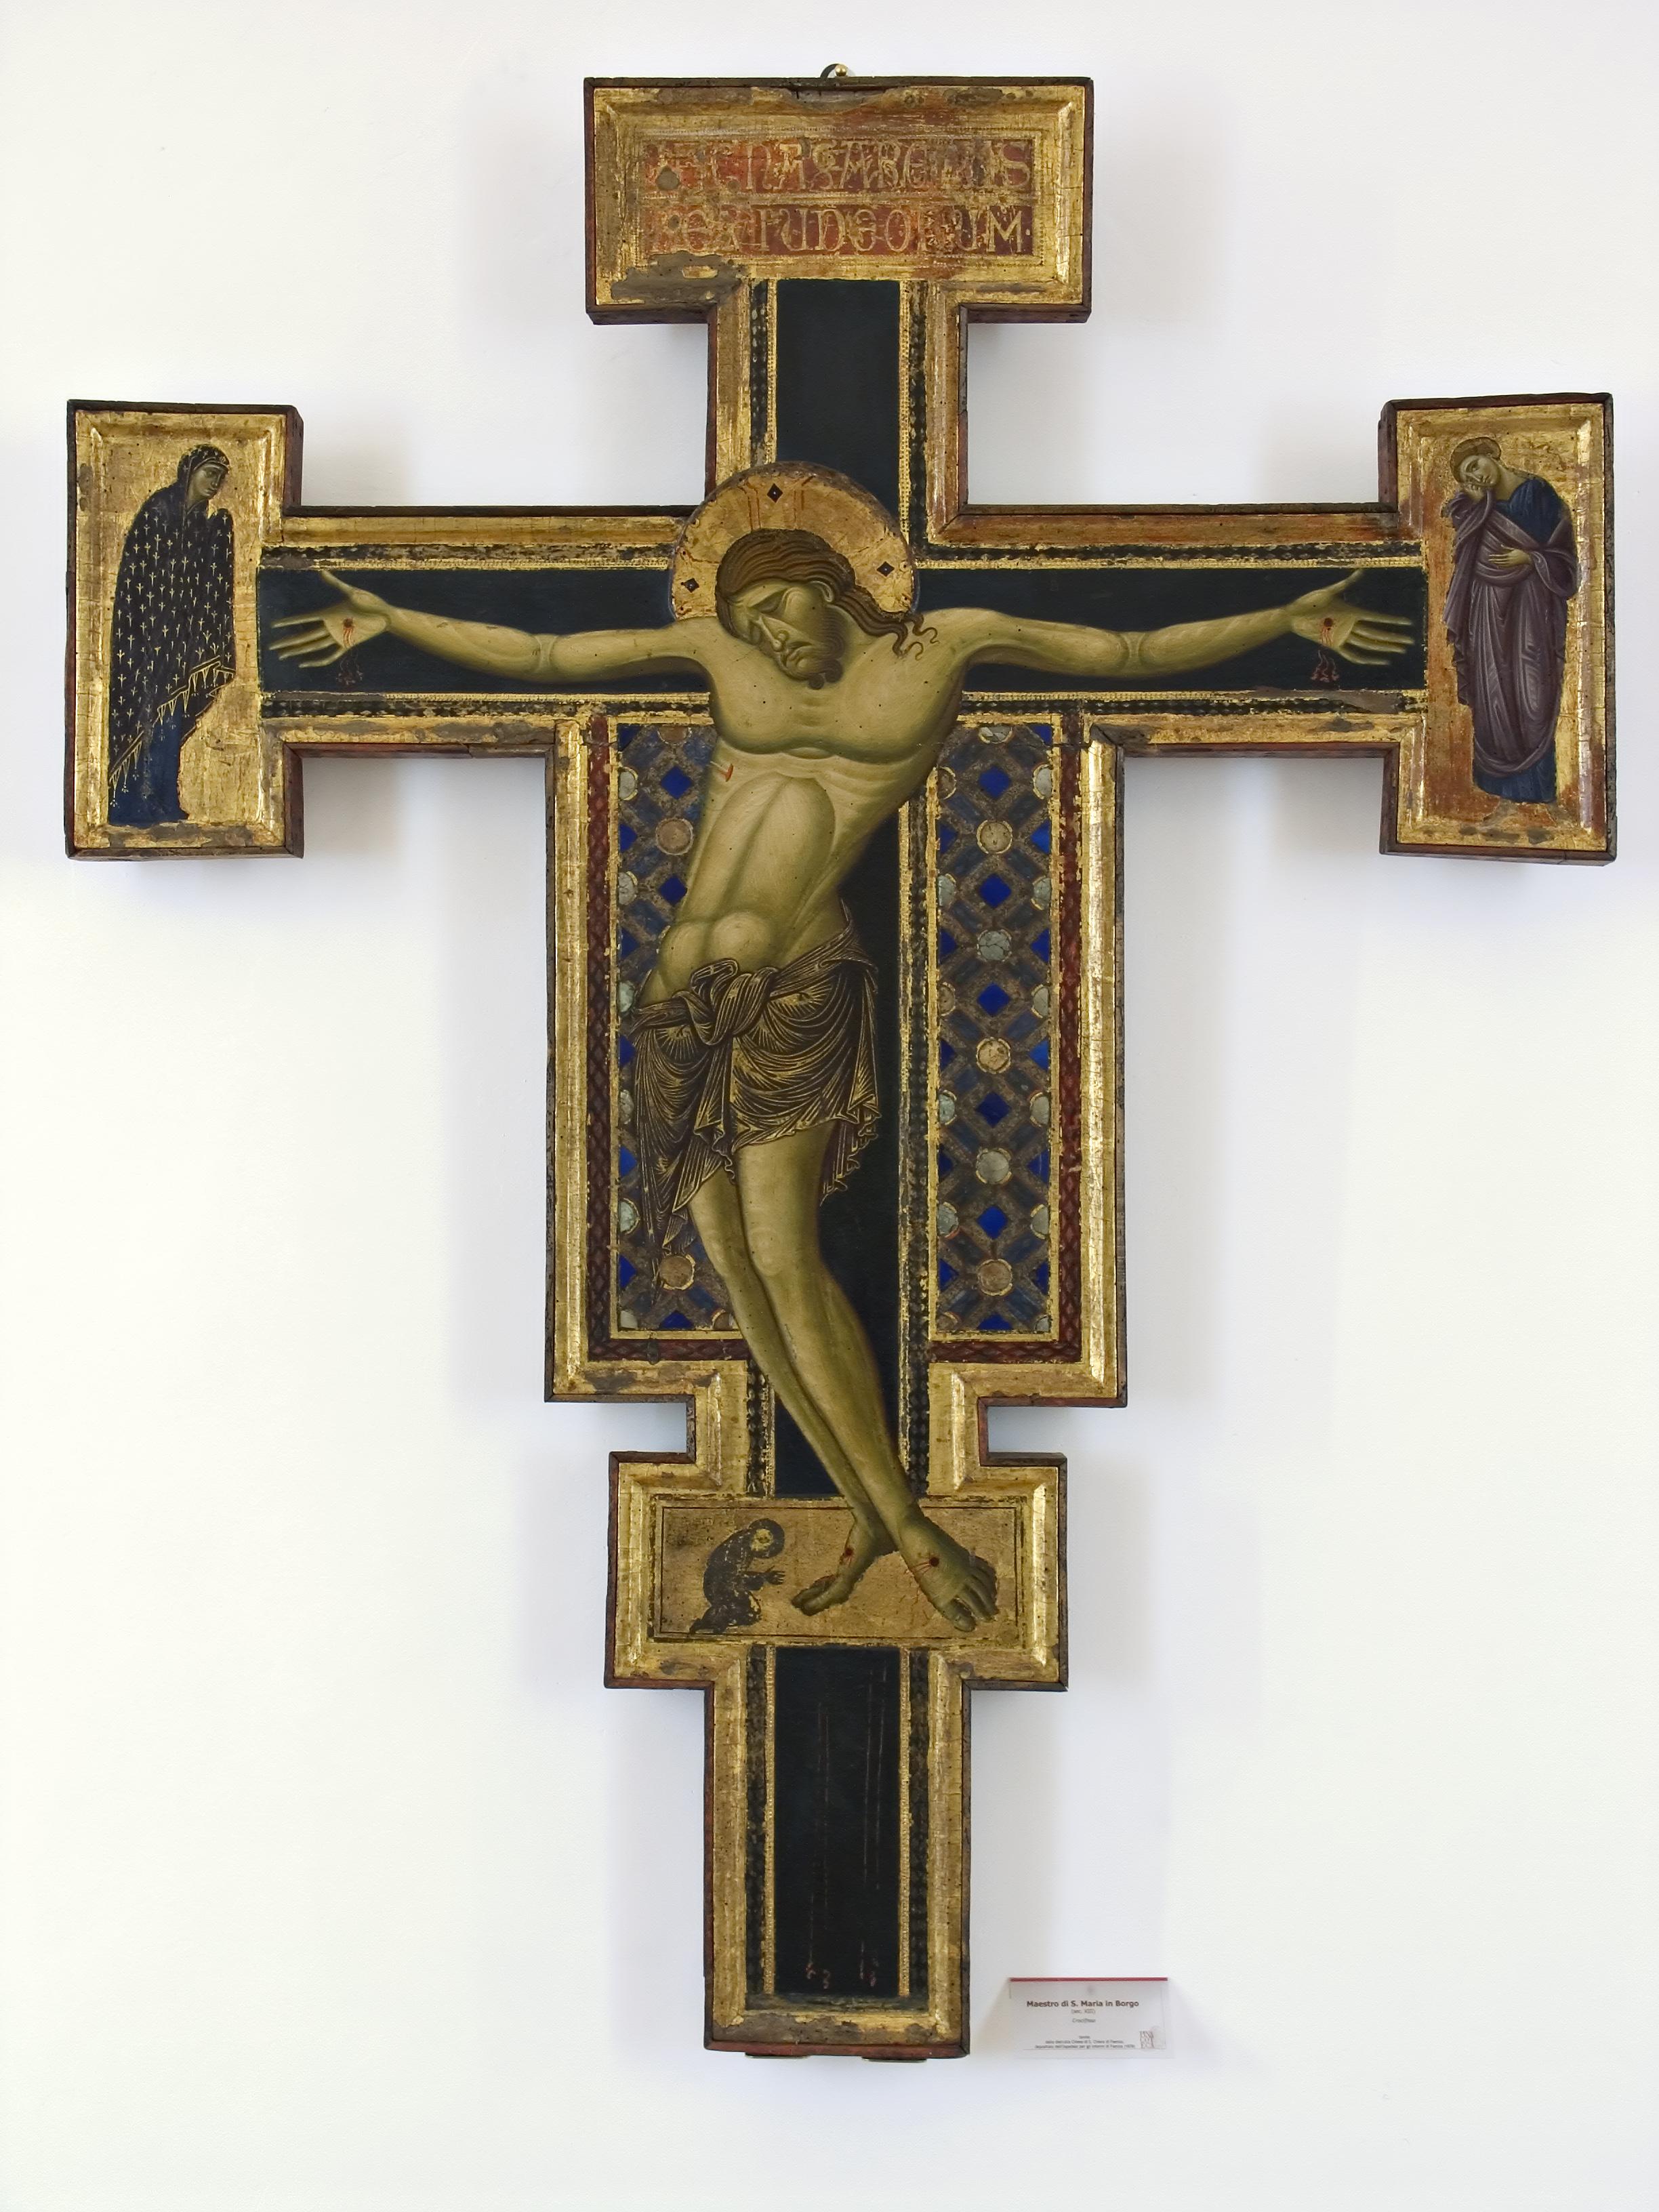 maestro-crocifissi-francescani-guido-di-pietro-da-gubbio-museo-civico-di-faenza